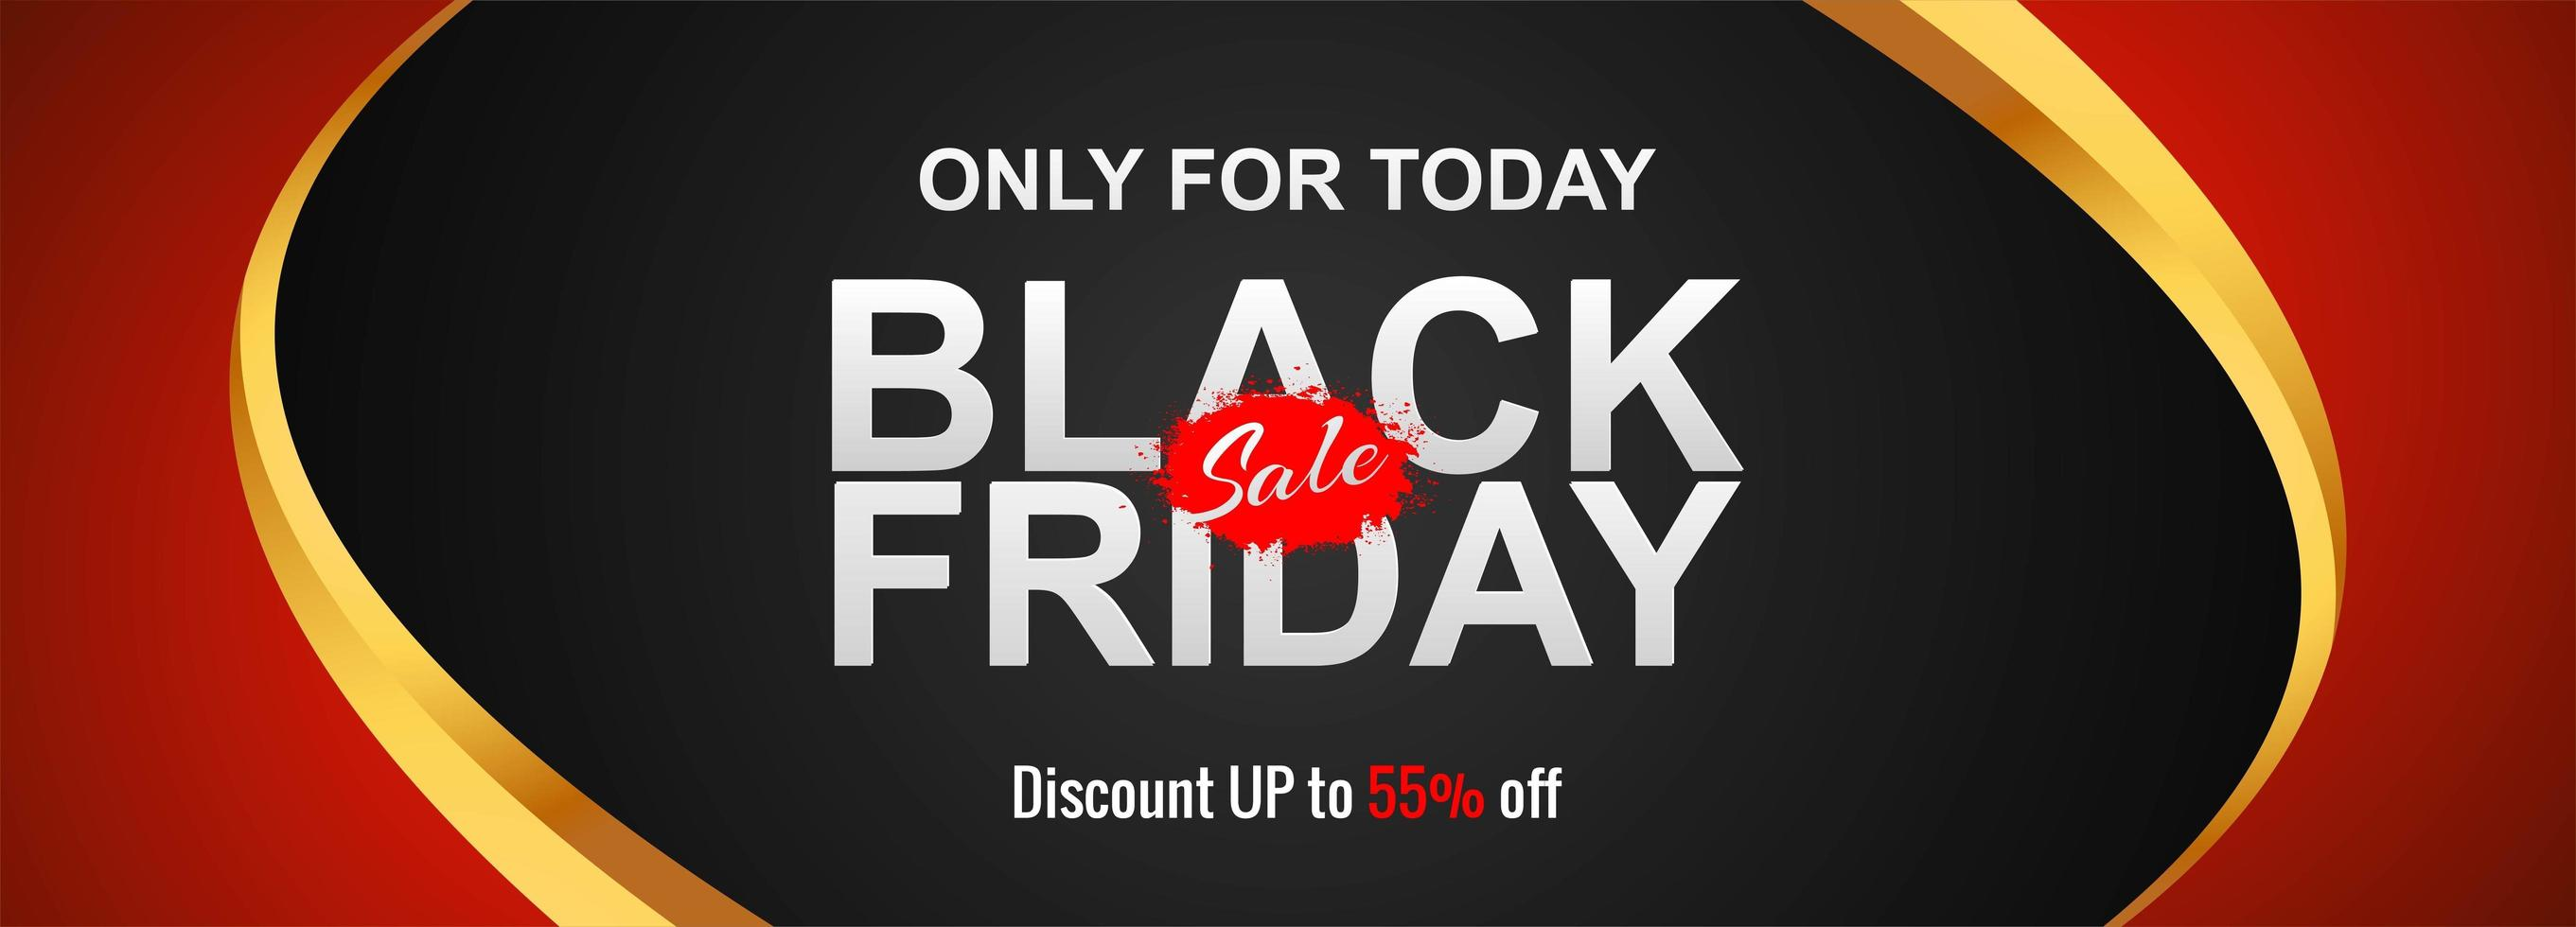 schwarzer Freitag Verkauf Konzept Banner Hintergrund vektor